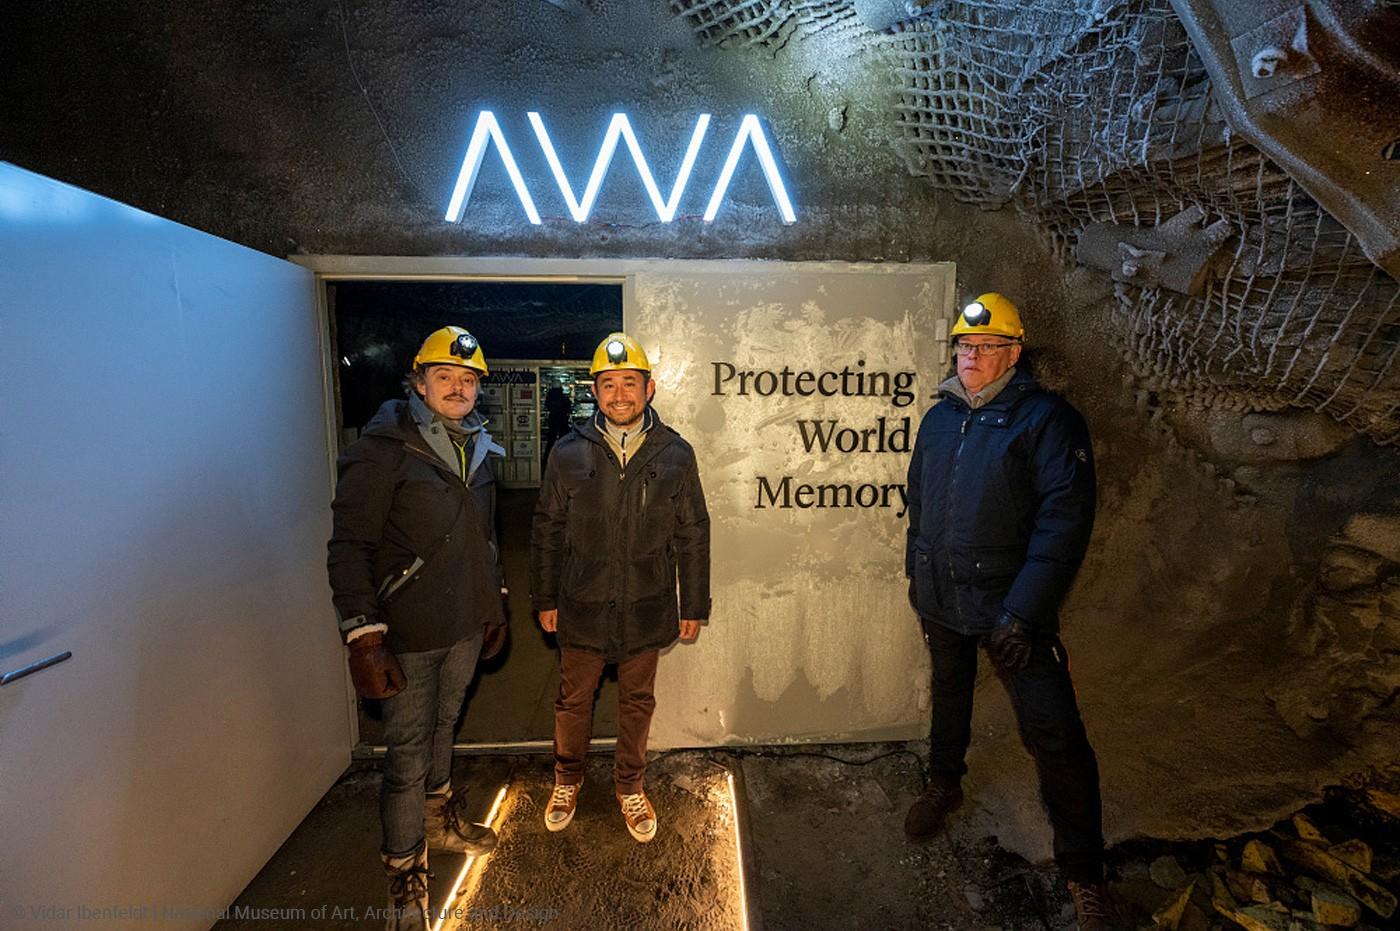 AWA_7